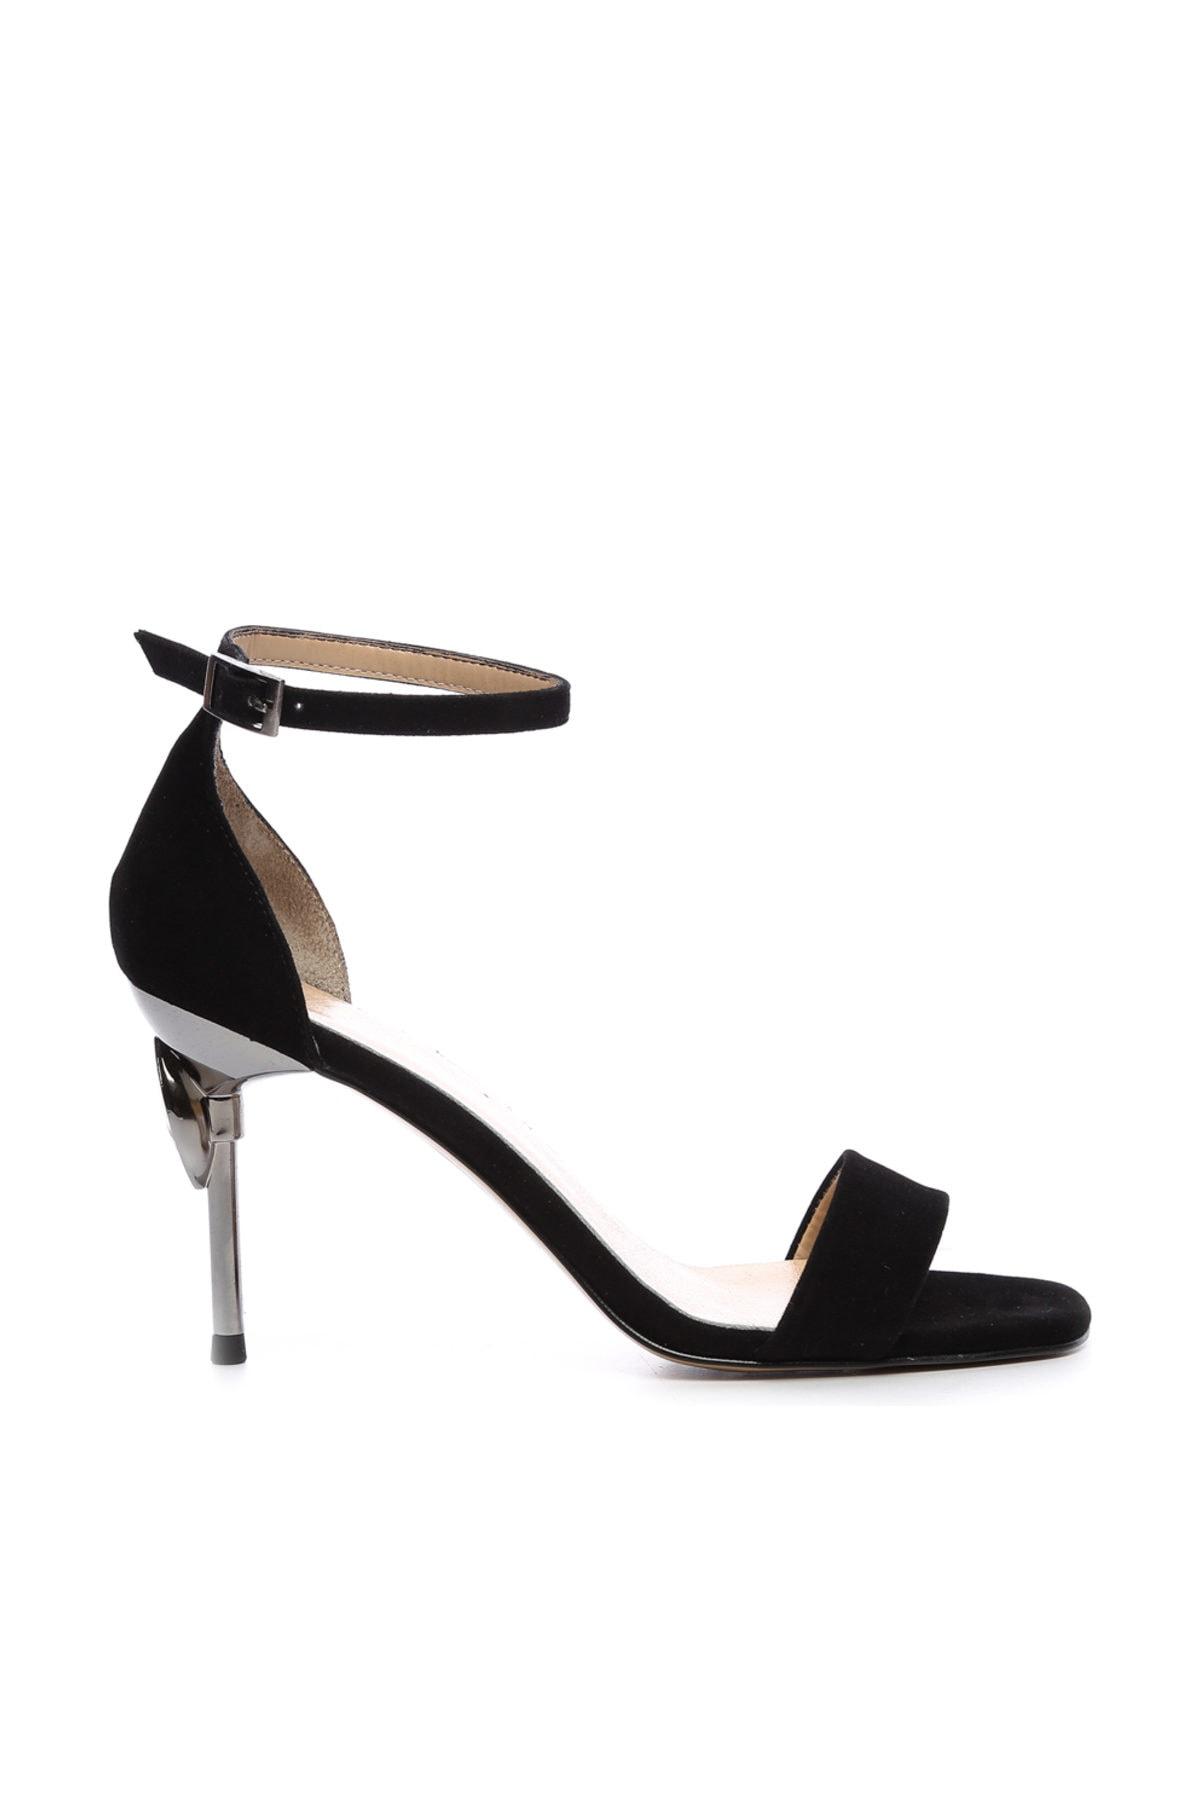 KEMAL TANCA Siyah Kadın Vegan Abiye Ayakkabı 22 6086 BN AYK Y19 1